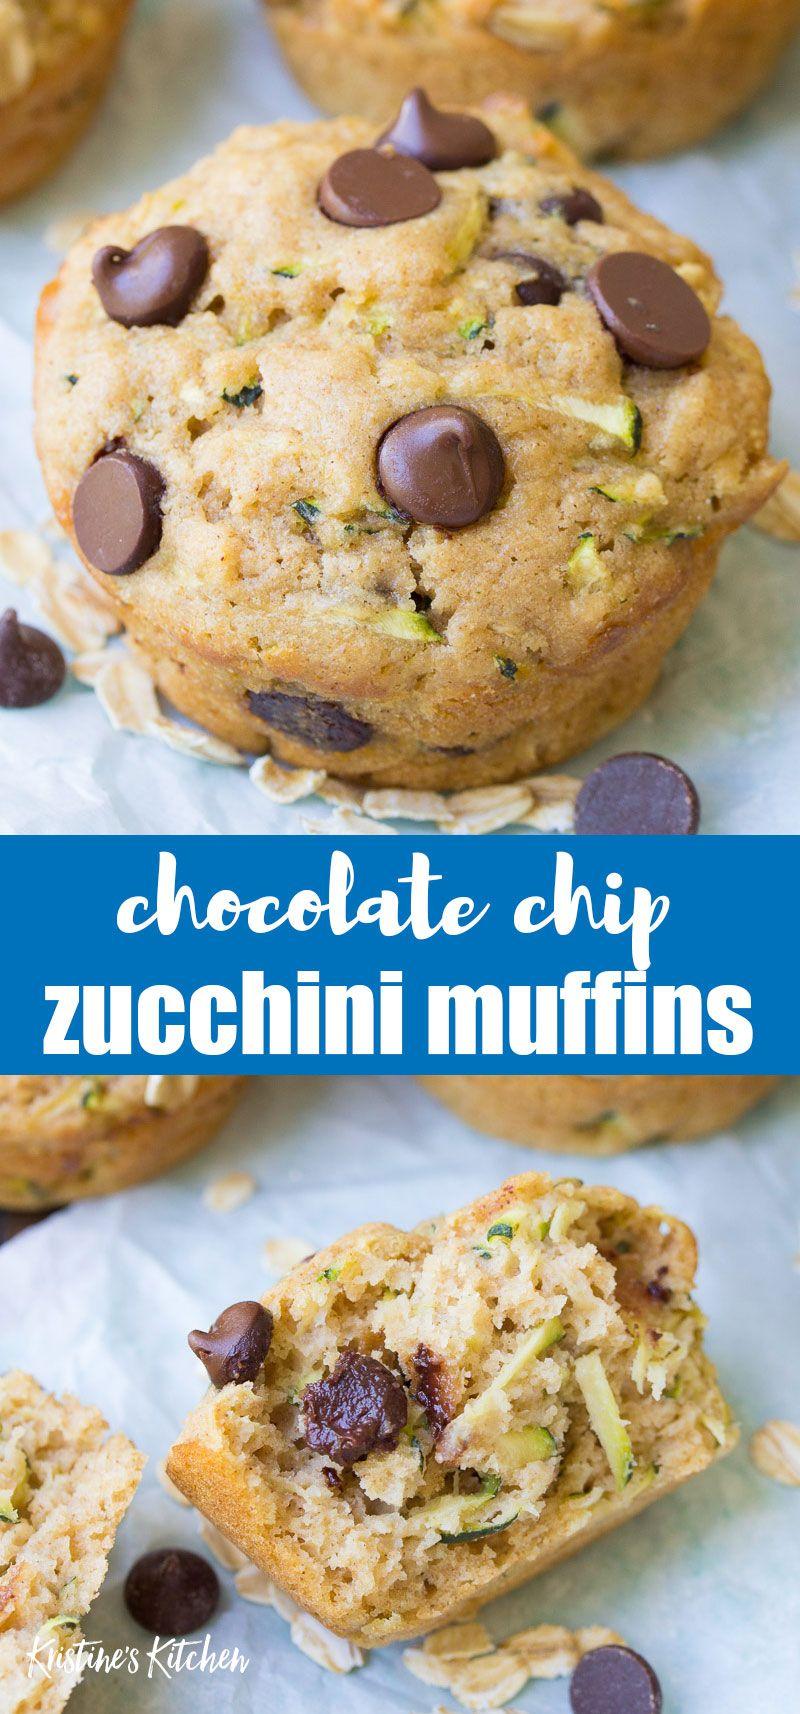 Zucchini Chocolate Chip Muffins In 2020 Zucchini Chocolate Chip Muffins Chocolate Chip Muffins Chocolate Recipes